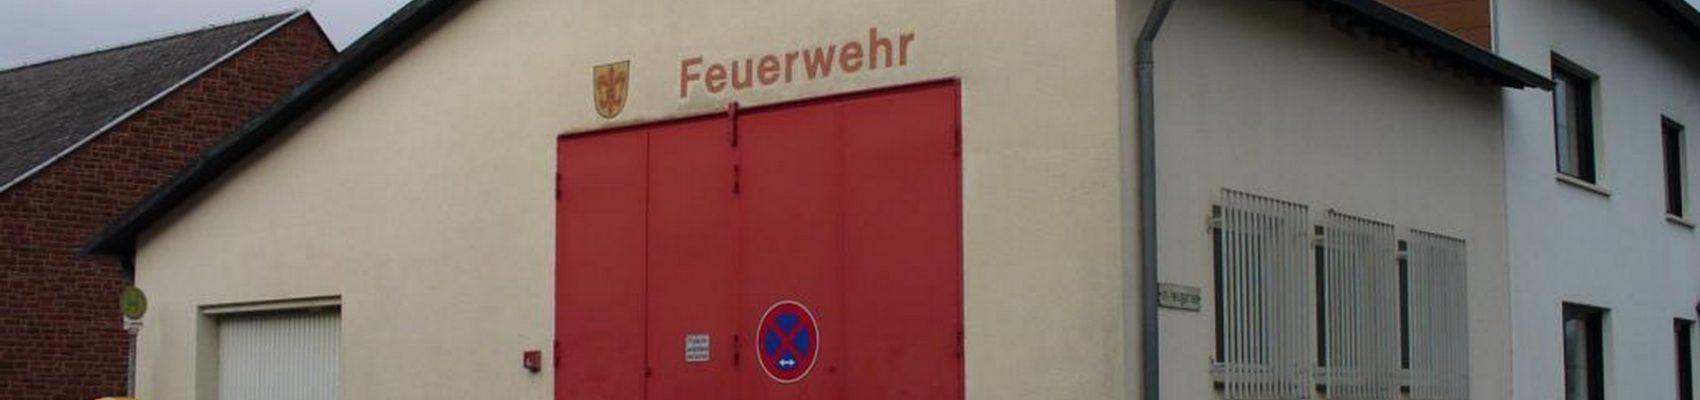 Feuerwehr Gerätehaus Wellingen